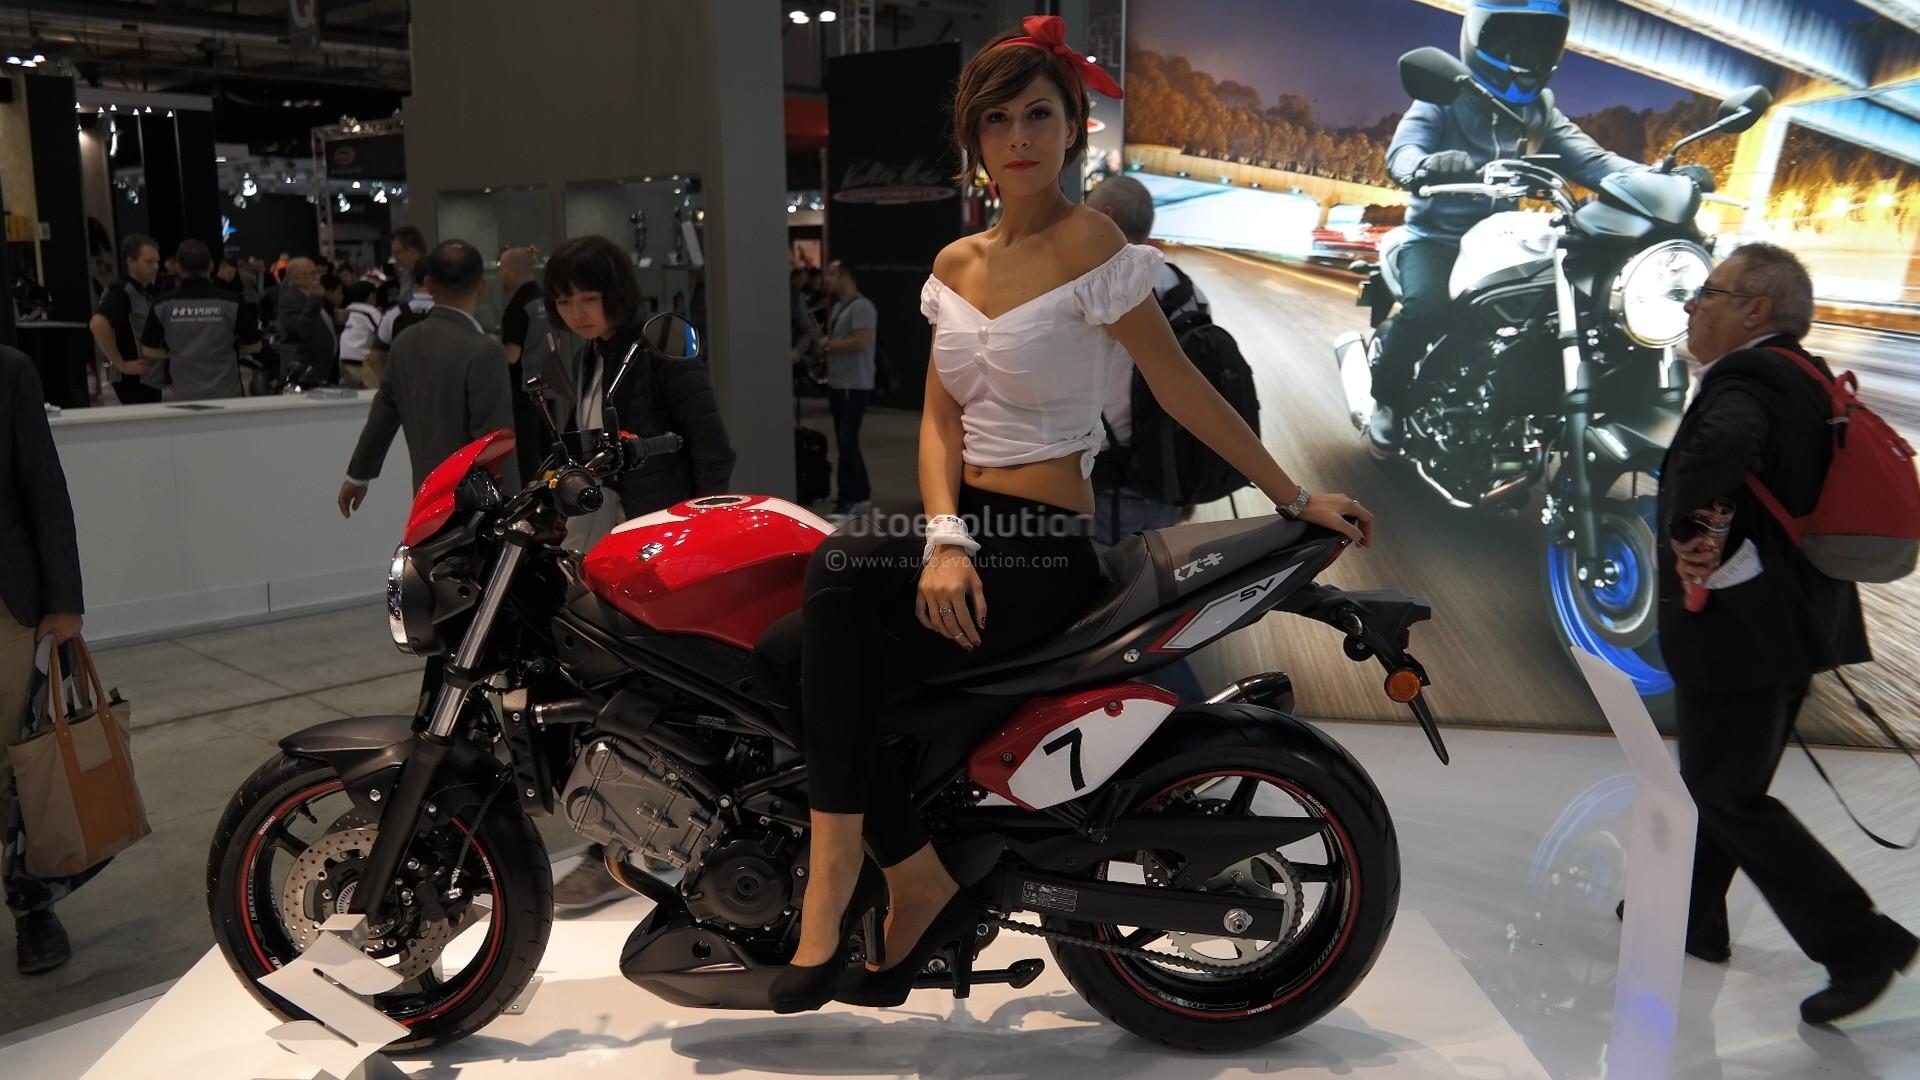 The new Suzuki SV650 ...